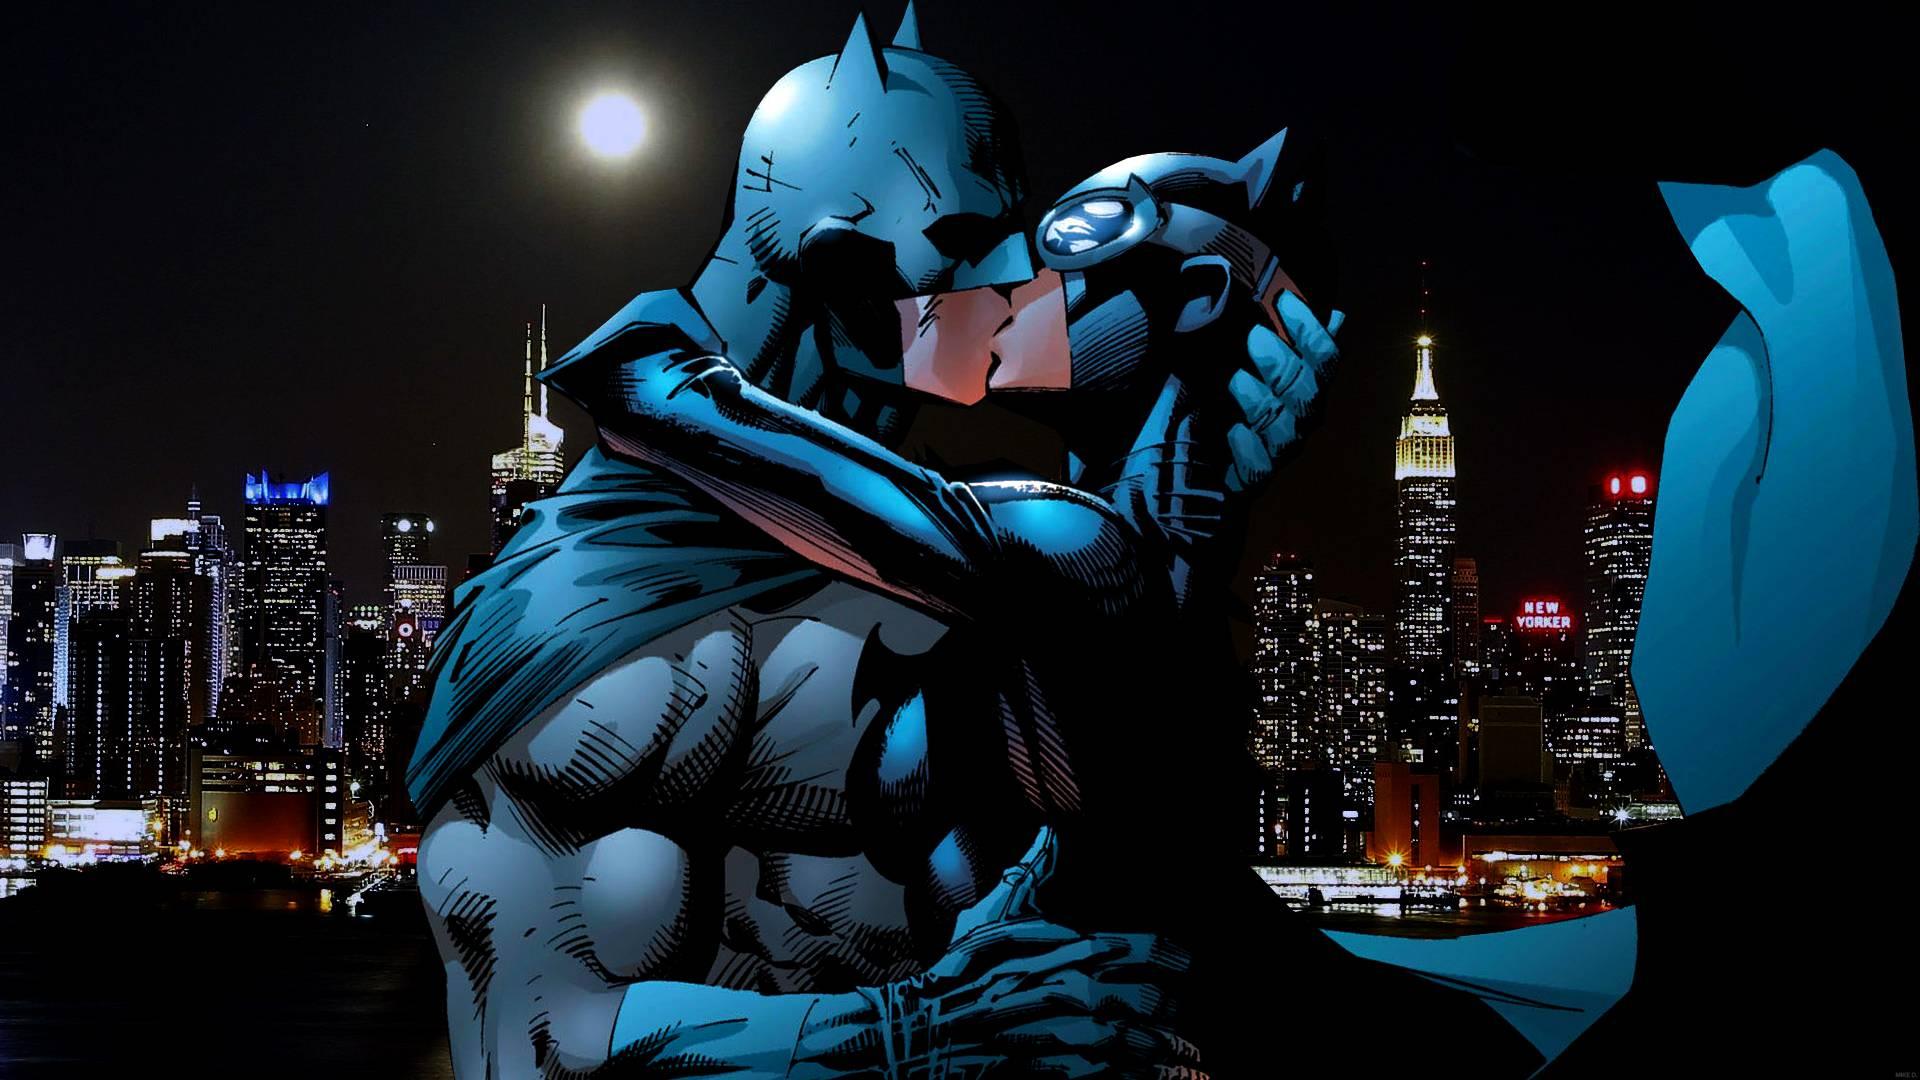 Свадьба Бэтмена и Женщины-кошки. Что происходит? 1